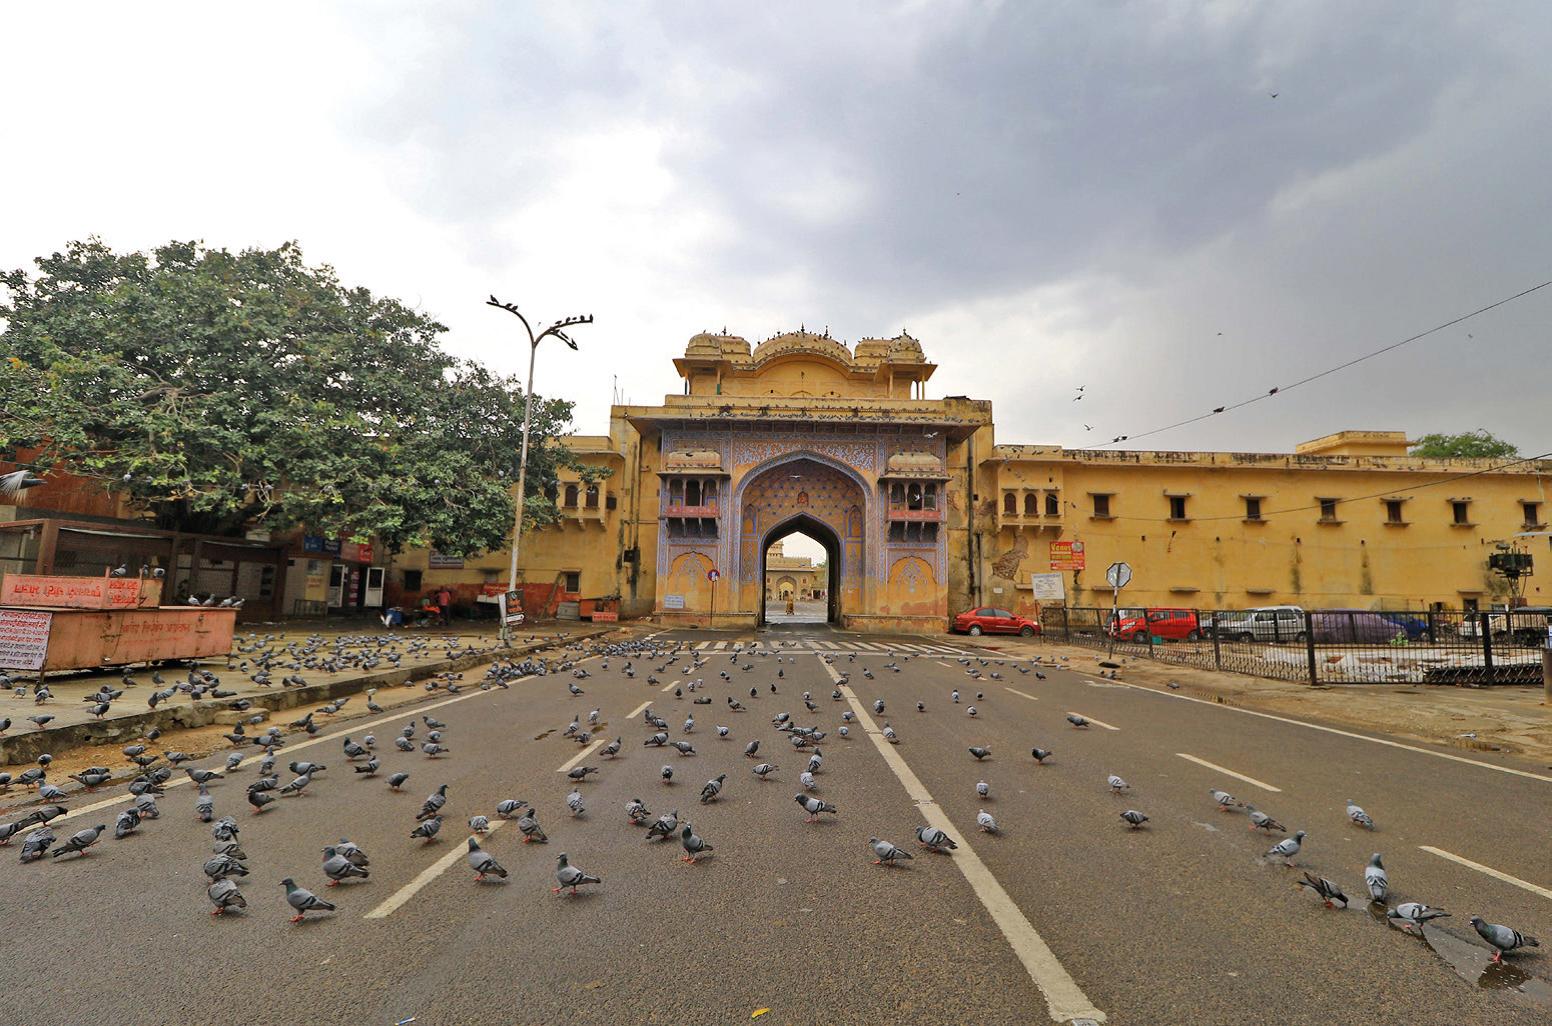 Een foto van vogels op de weg in India